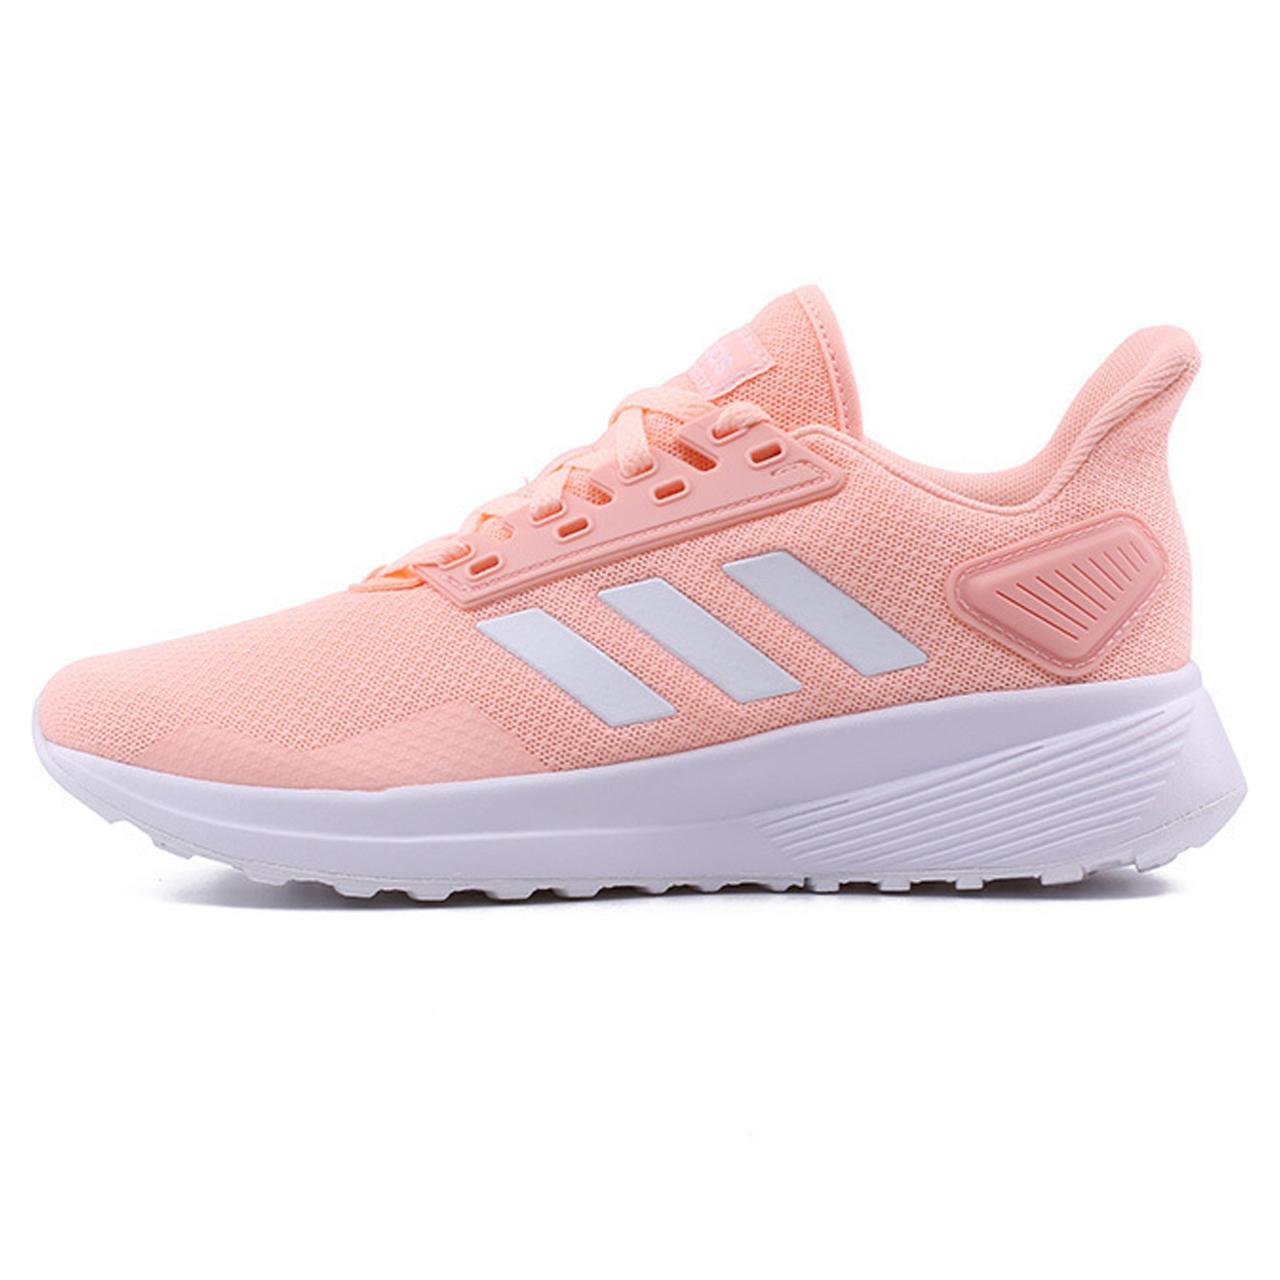 کفش مخصوص دویدن زنانه آدیداس مدل Duramo کد 8765-908